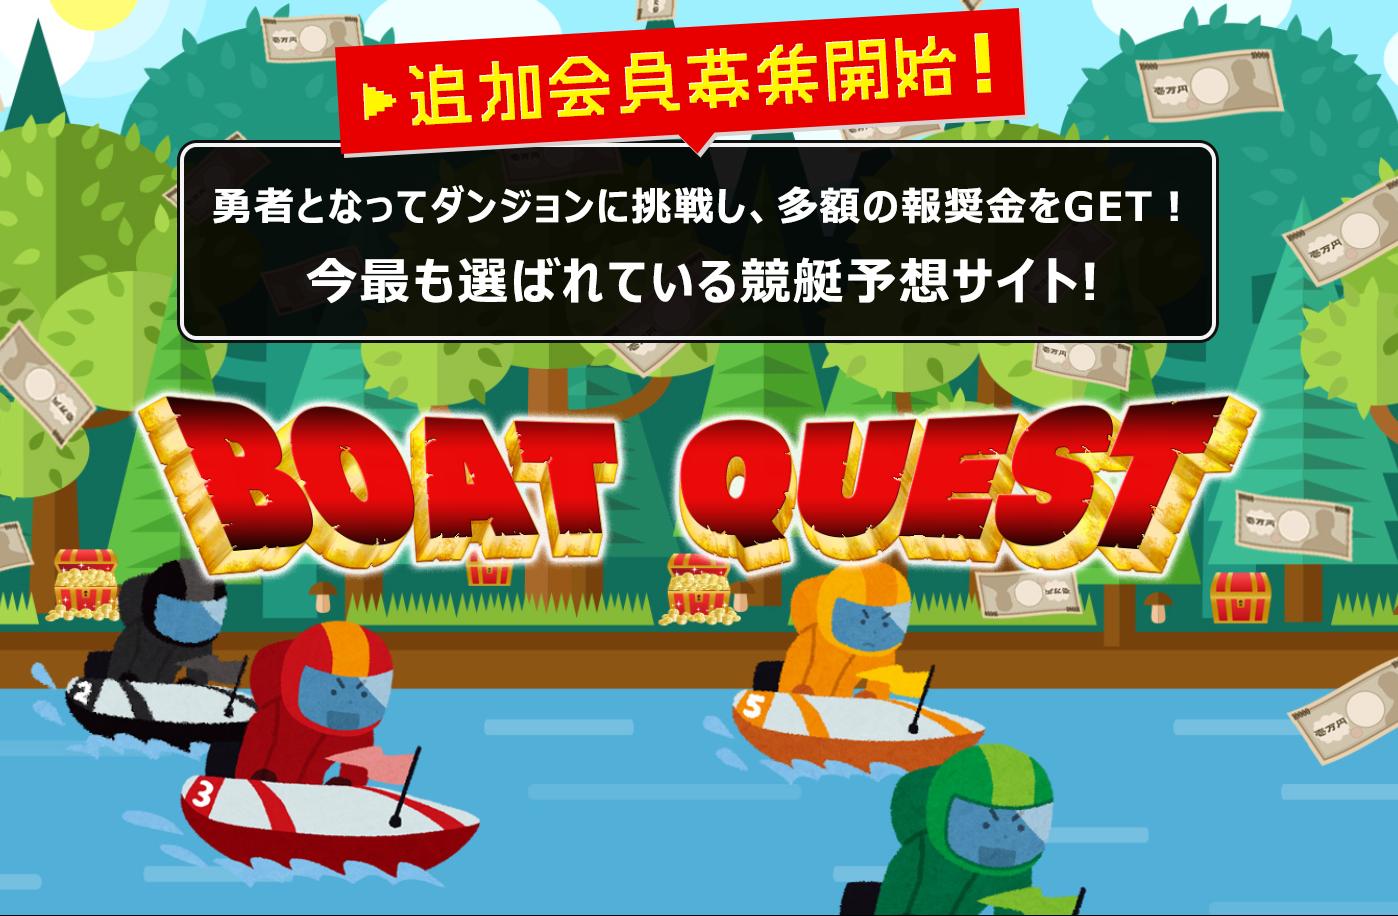 ボートクエスト(BoatQuest)(ボートクエスト)の口コミ・評判・評価